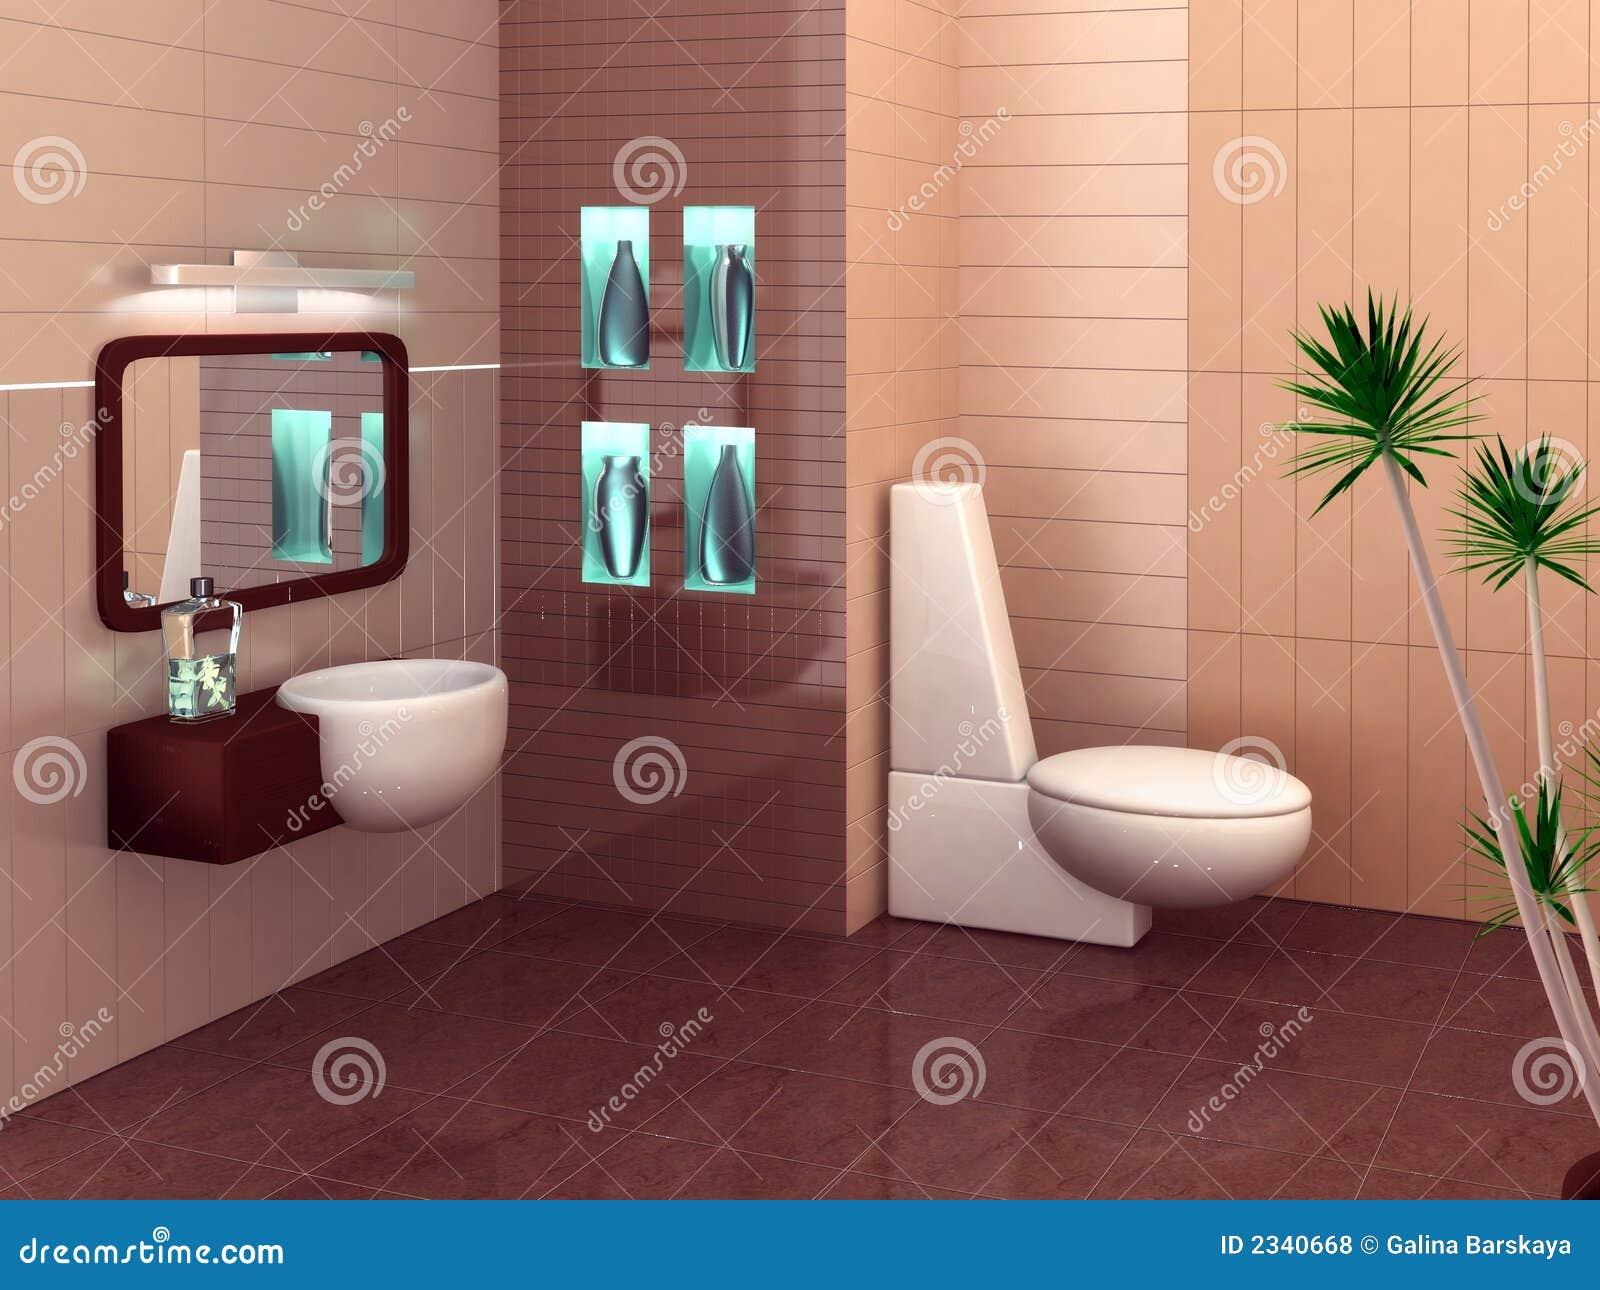 Salle de bains moderne photos libres de droits image 2340668 for Photos de salles de bains modernes